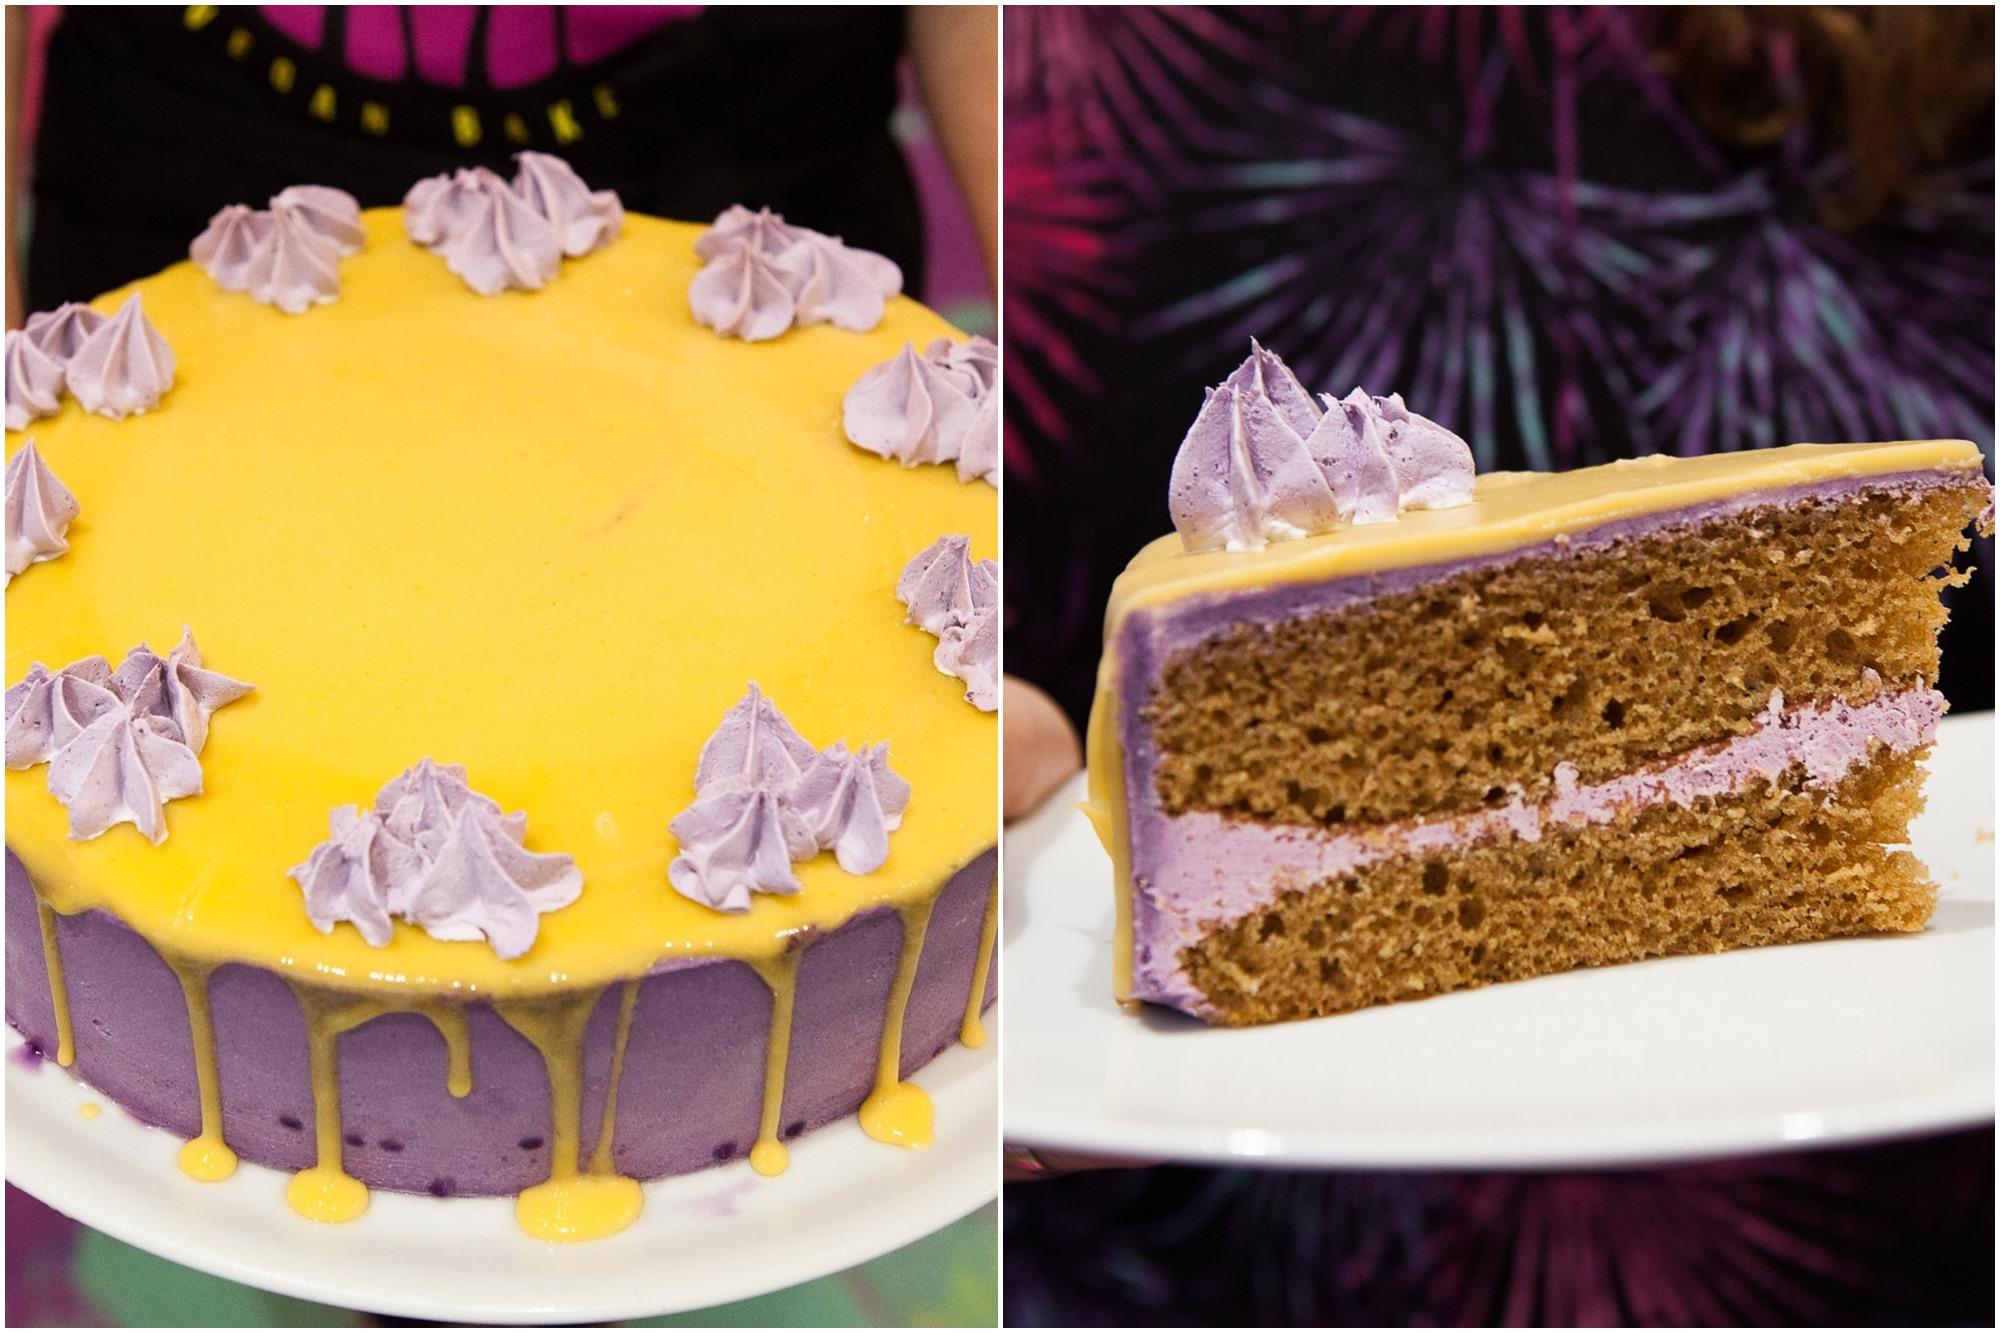 En 'Freedom Cakes' no se quedan en la 'red velvet' y la 'cheesecake'.